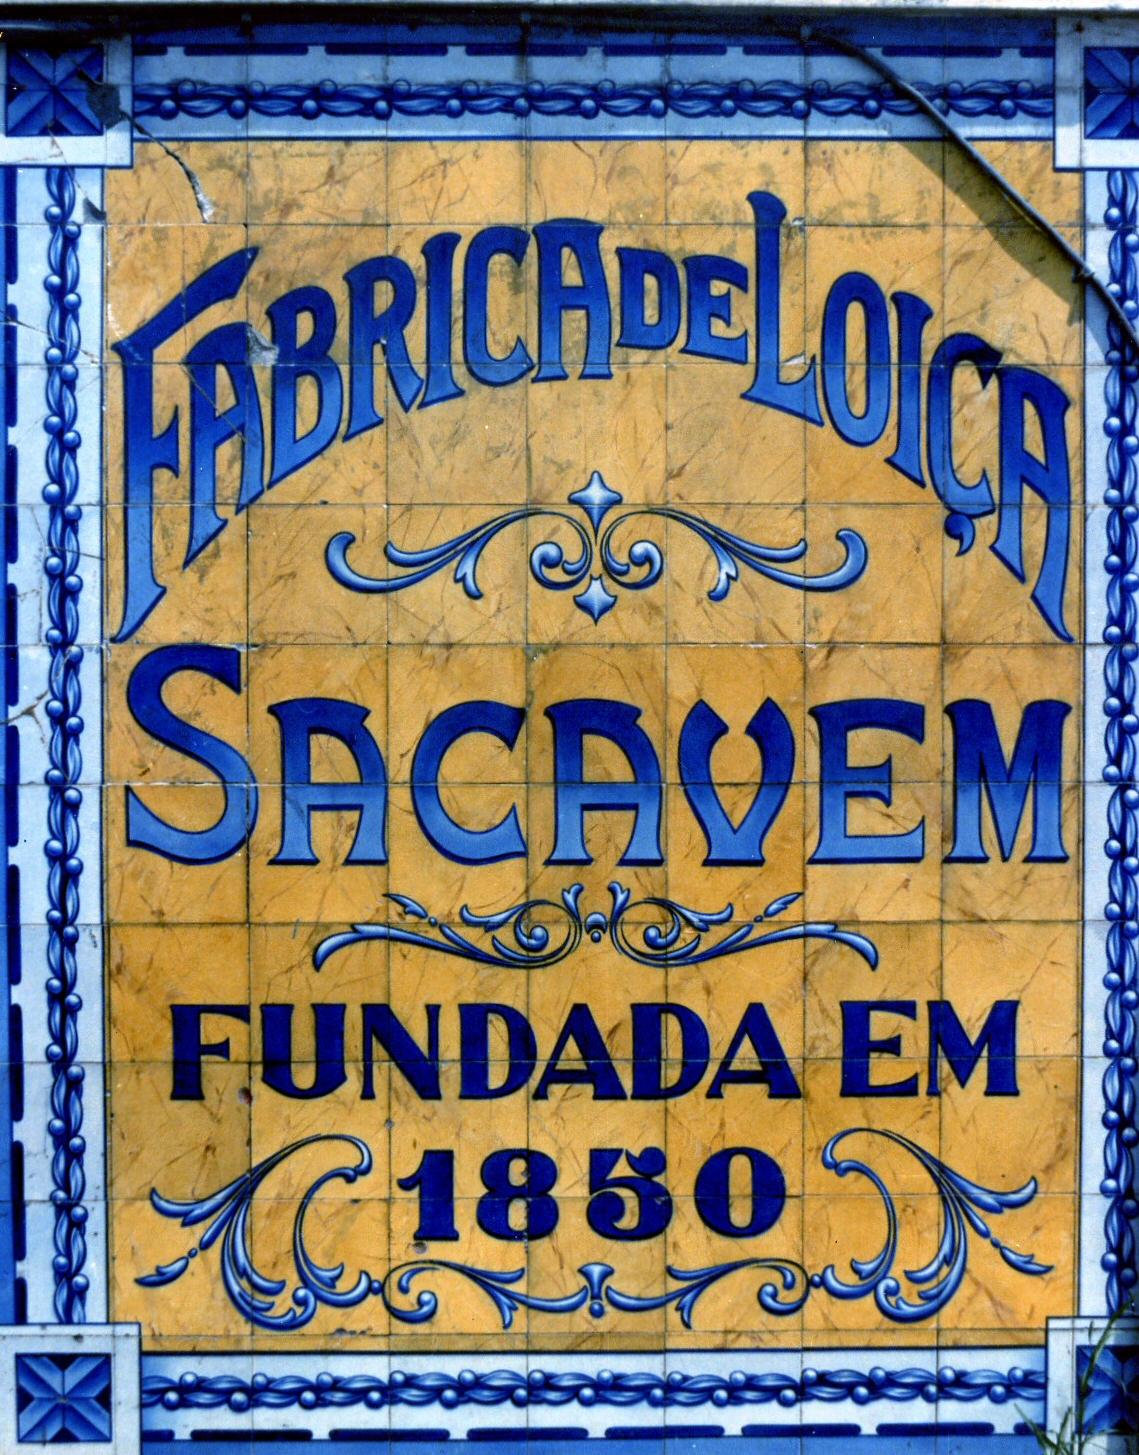 Produit portugais azulejos portugais for Fabrica de azulejos